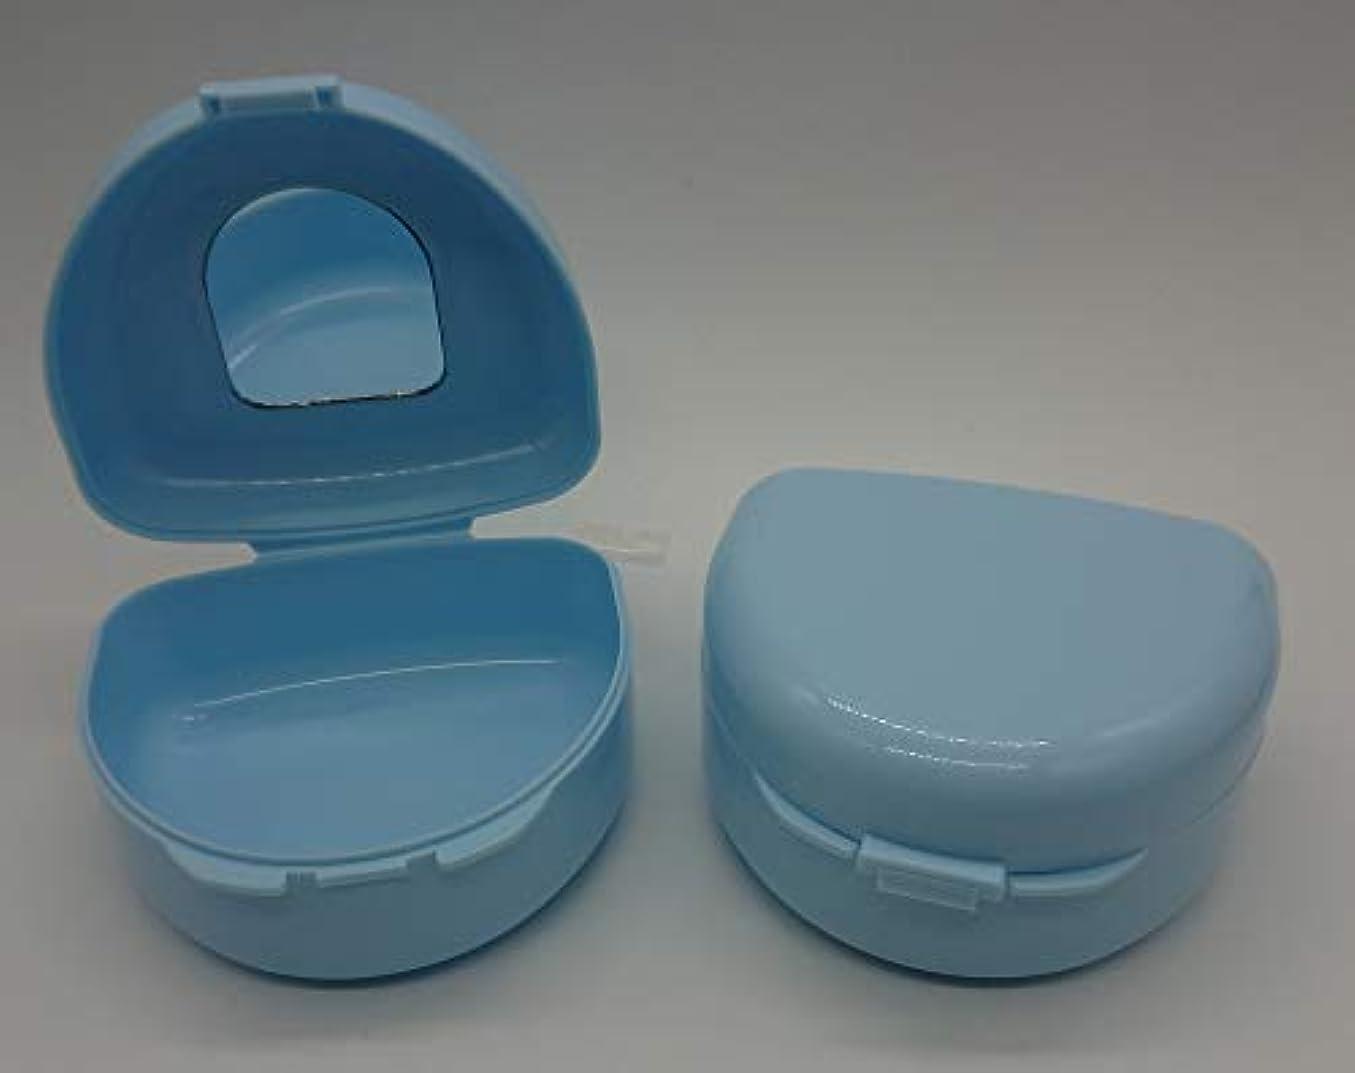 流行している端ボンド鏡付き入れ歯マウスピースケース(容器) 水色